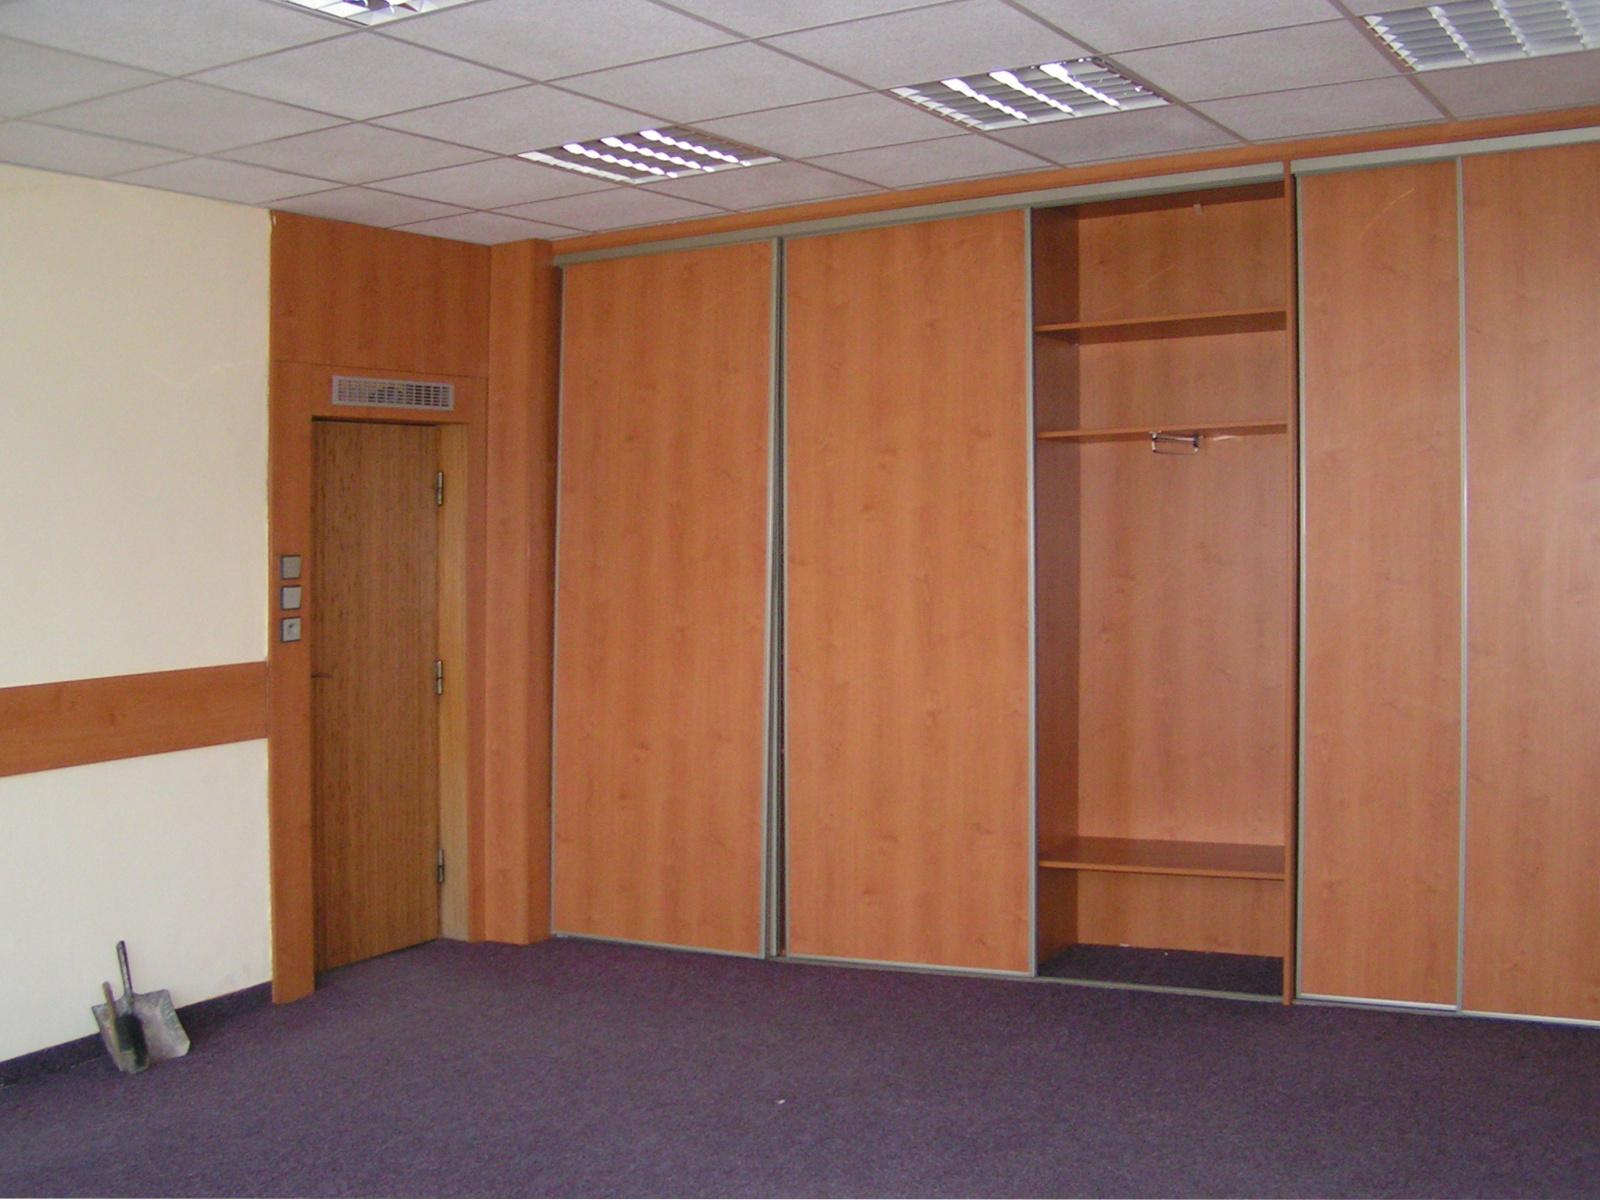 Kancelář Praha Václavské náměstí - původní stav